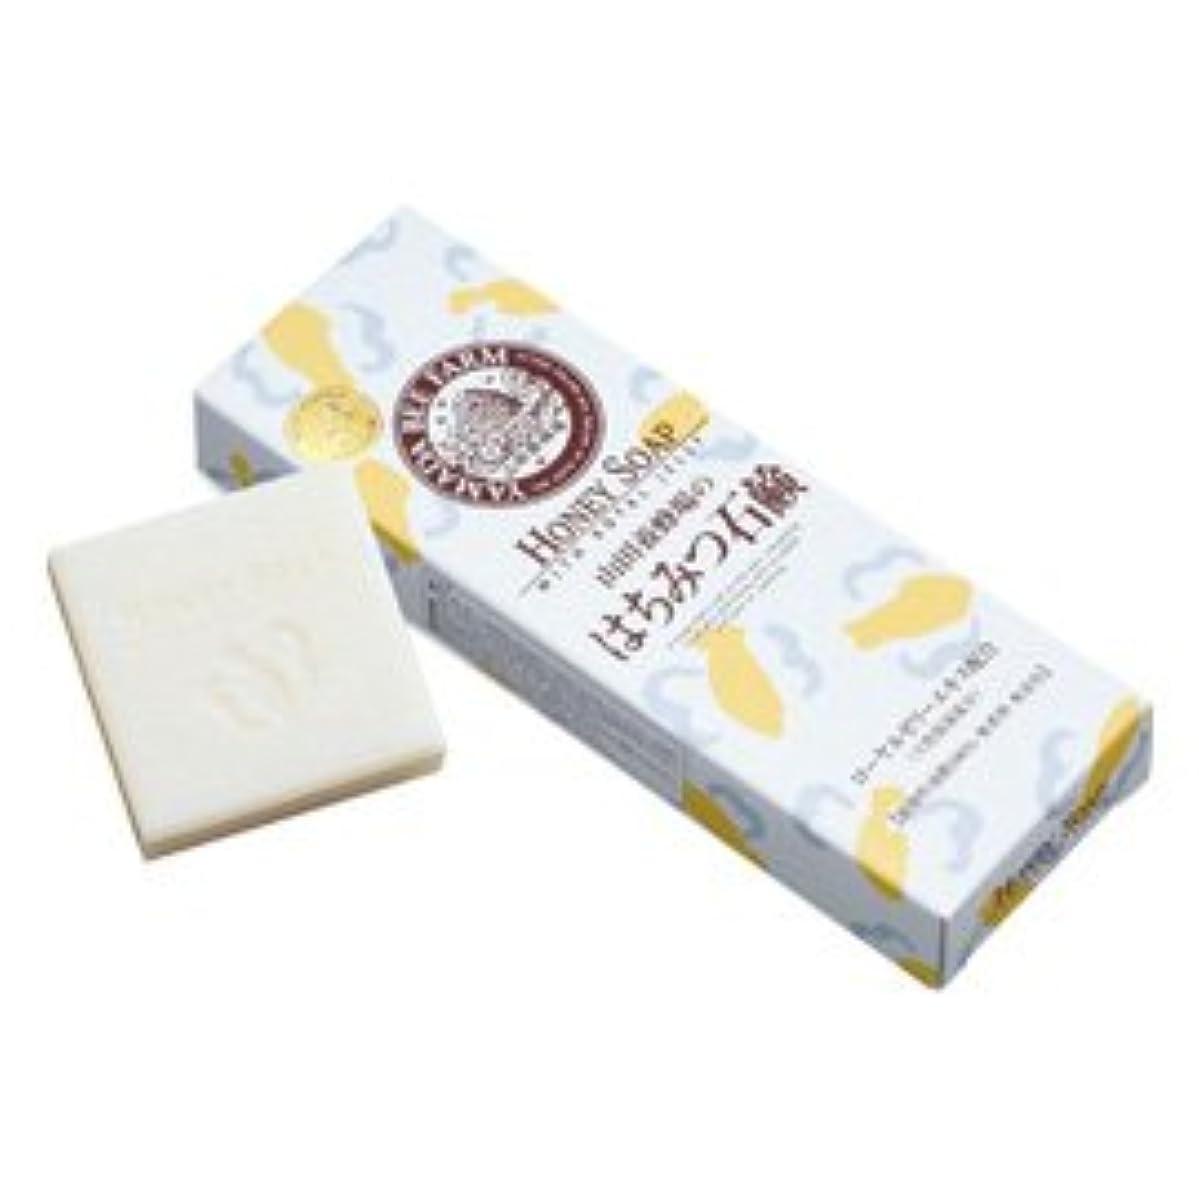 体現する誇張する言い直すはちみつ石鹸 60g×3個入/Honey Soap